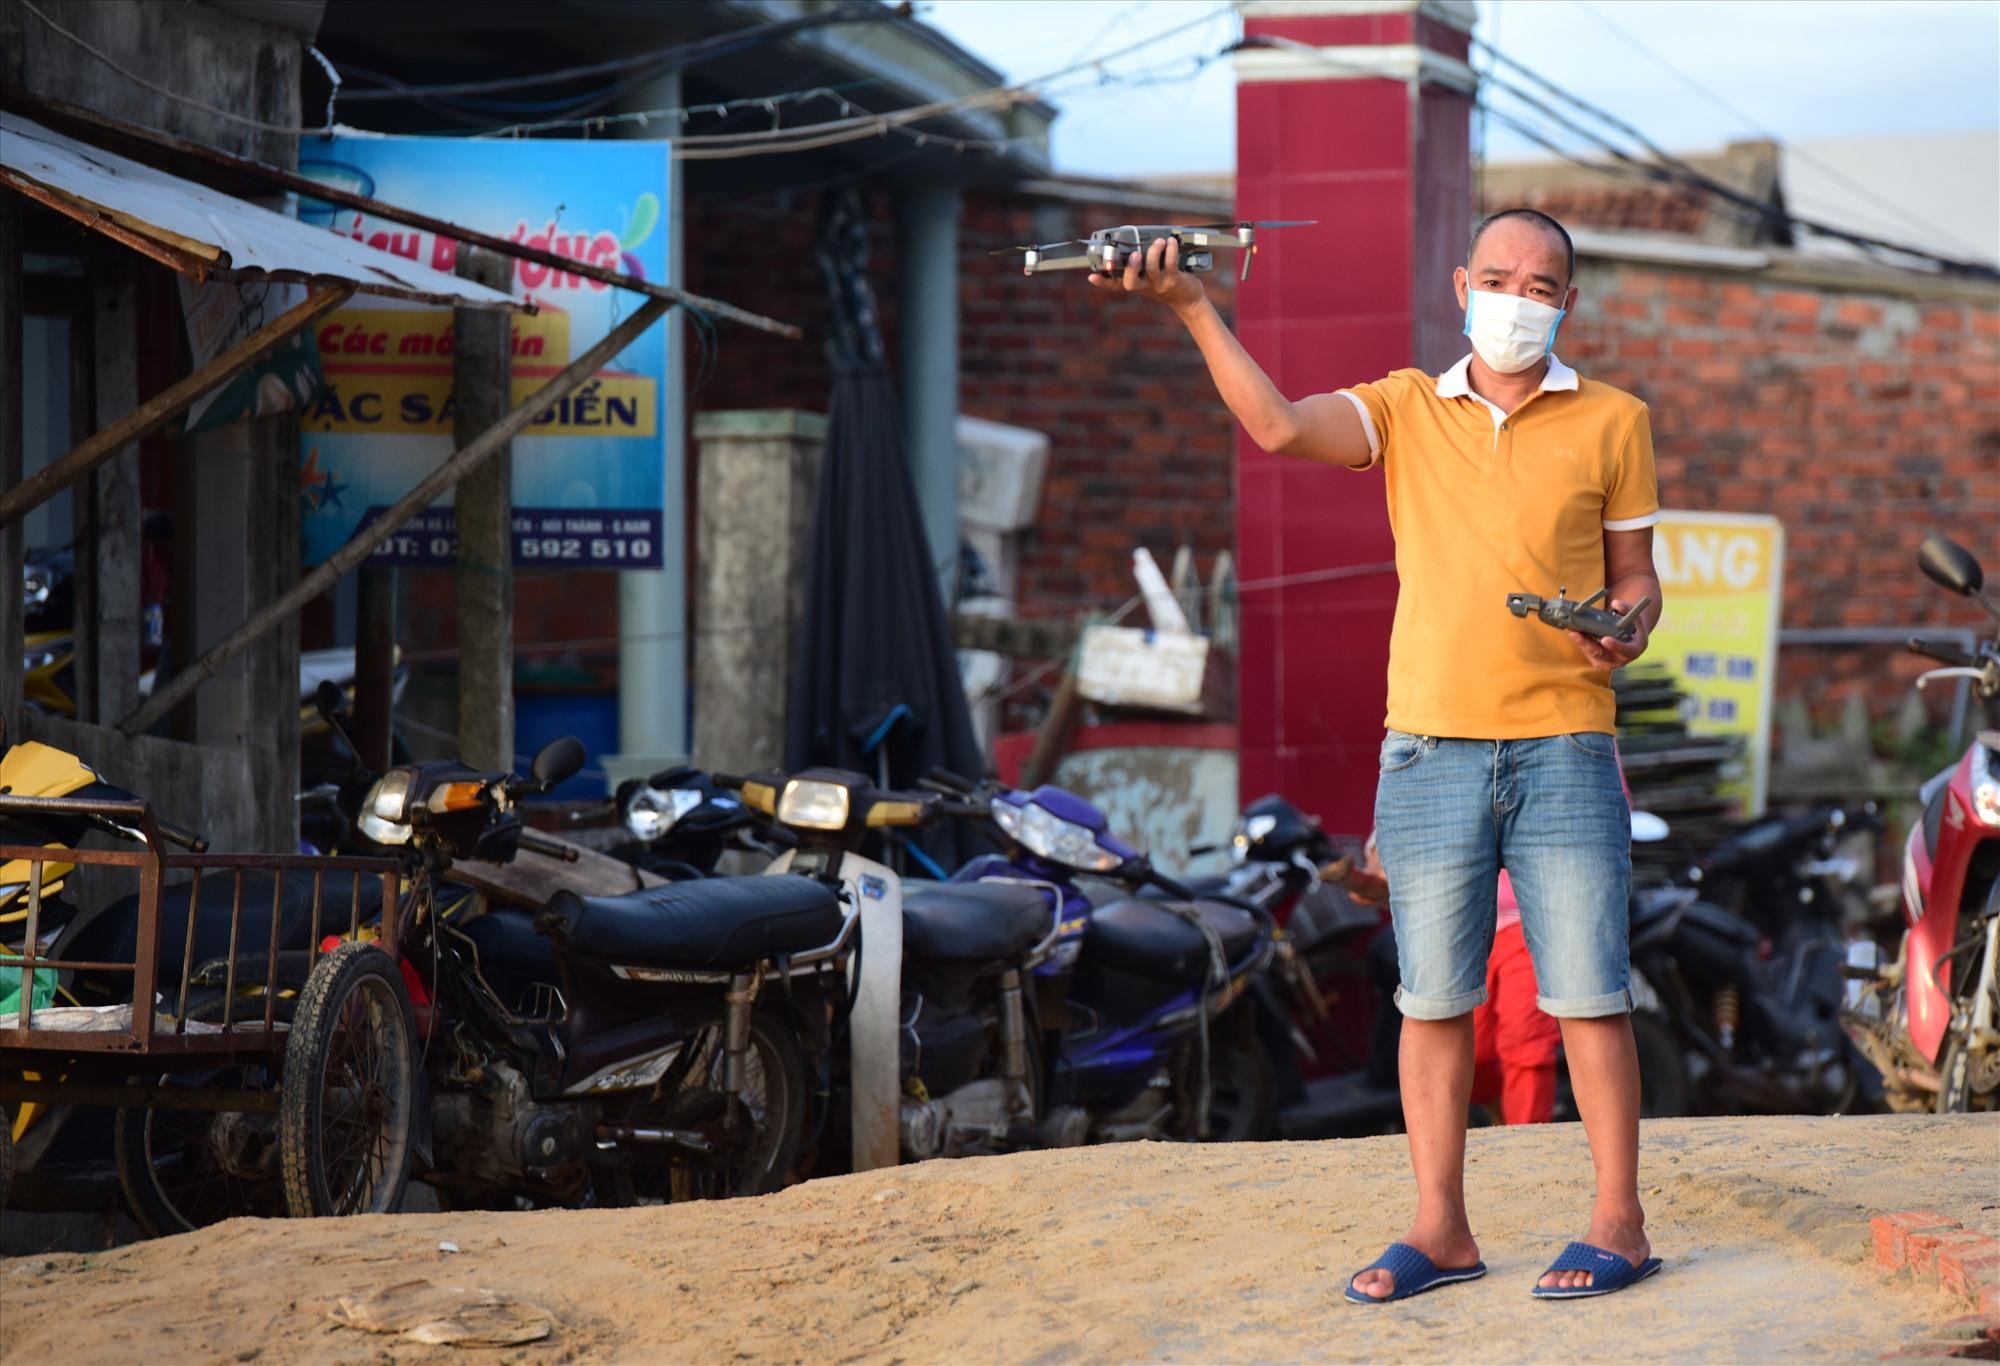 """Nhiều nghệ sĩ nhiếp ảnh của Quảng Nam cũng như cả nước rất thích thú khi """"chộp"""" những khoảnh khắc đẹp nơi đây..."""